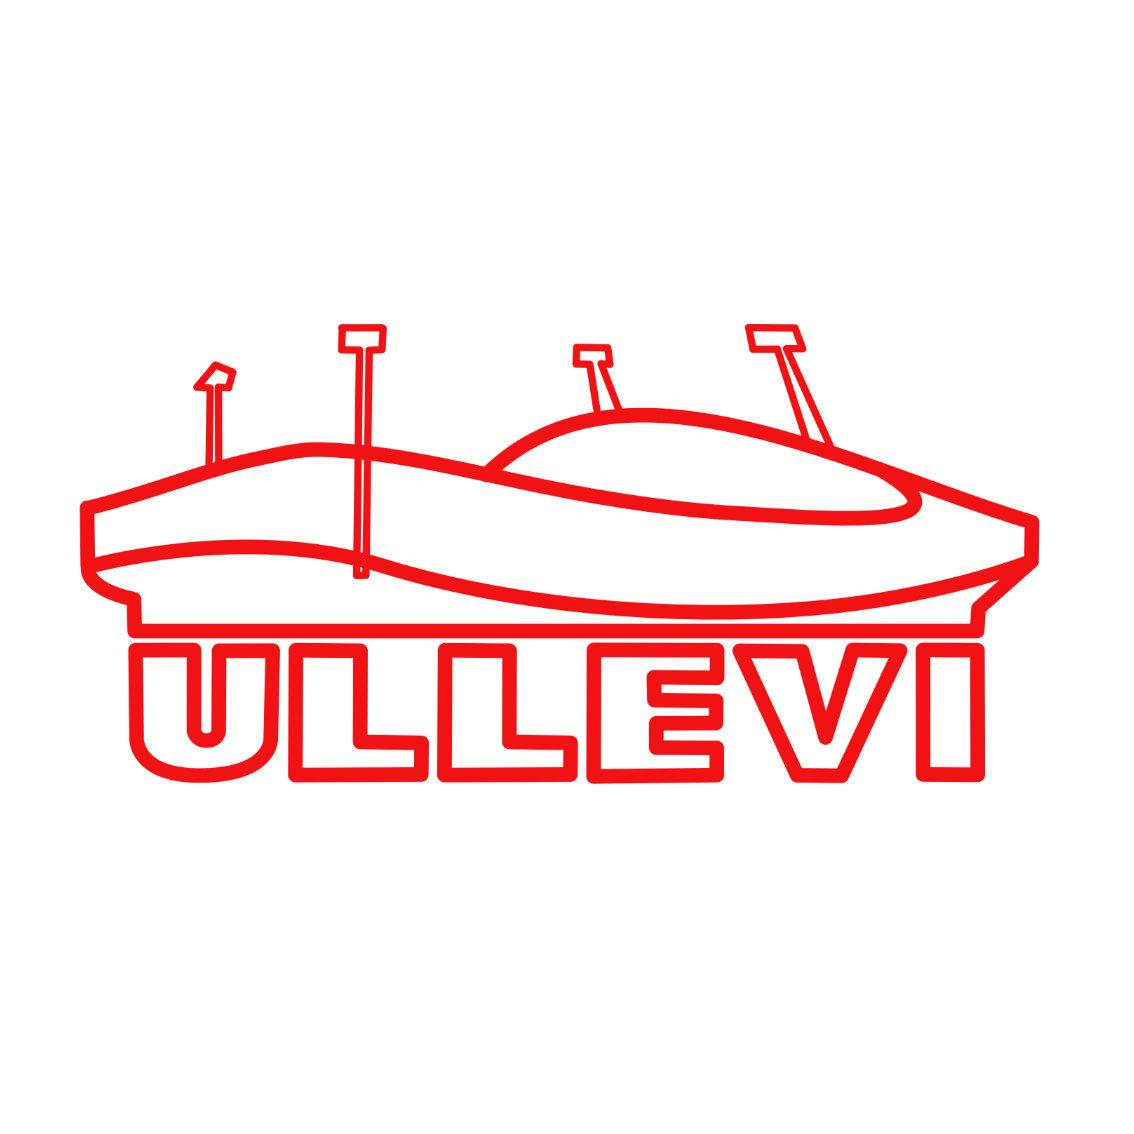 Image of Ullevi coaster